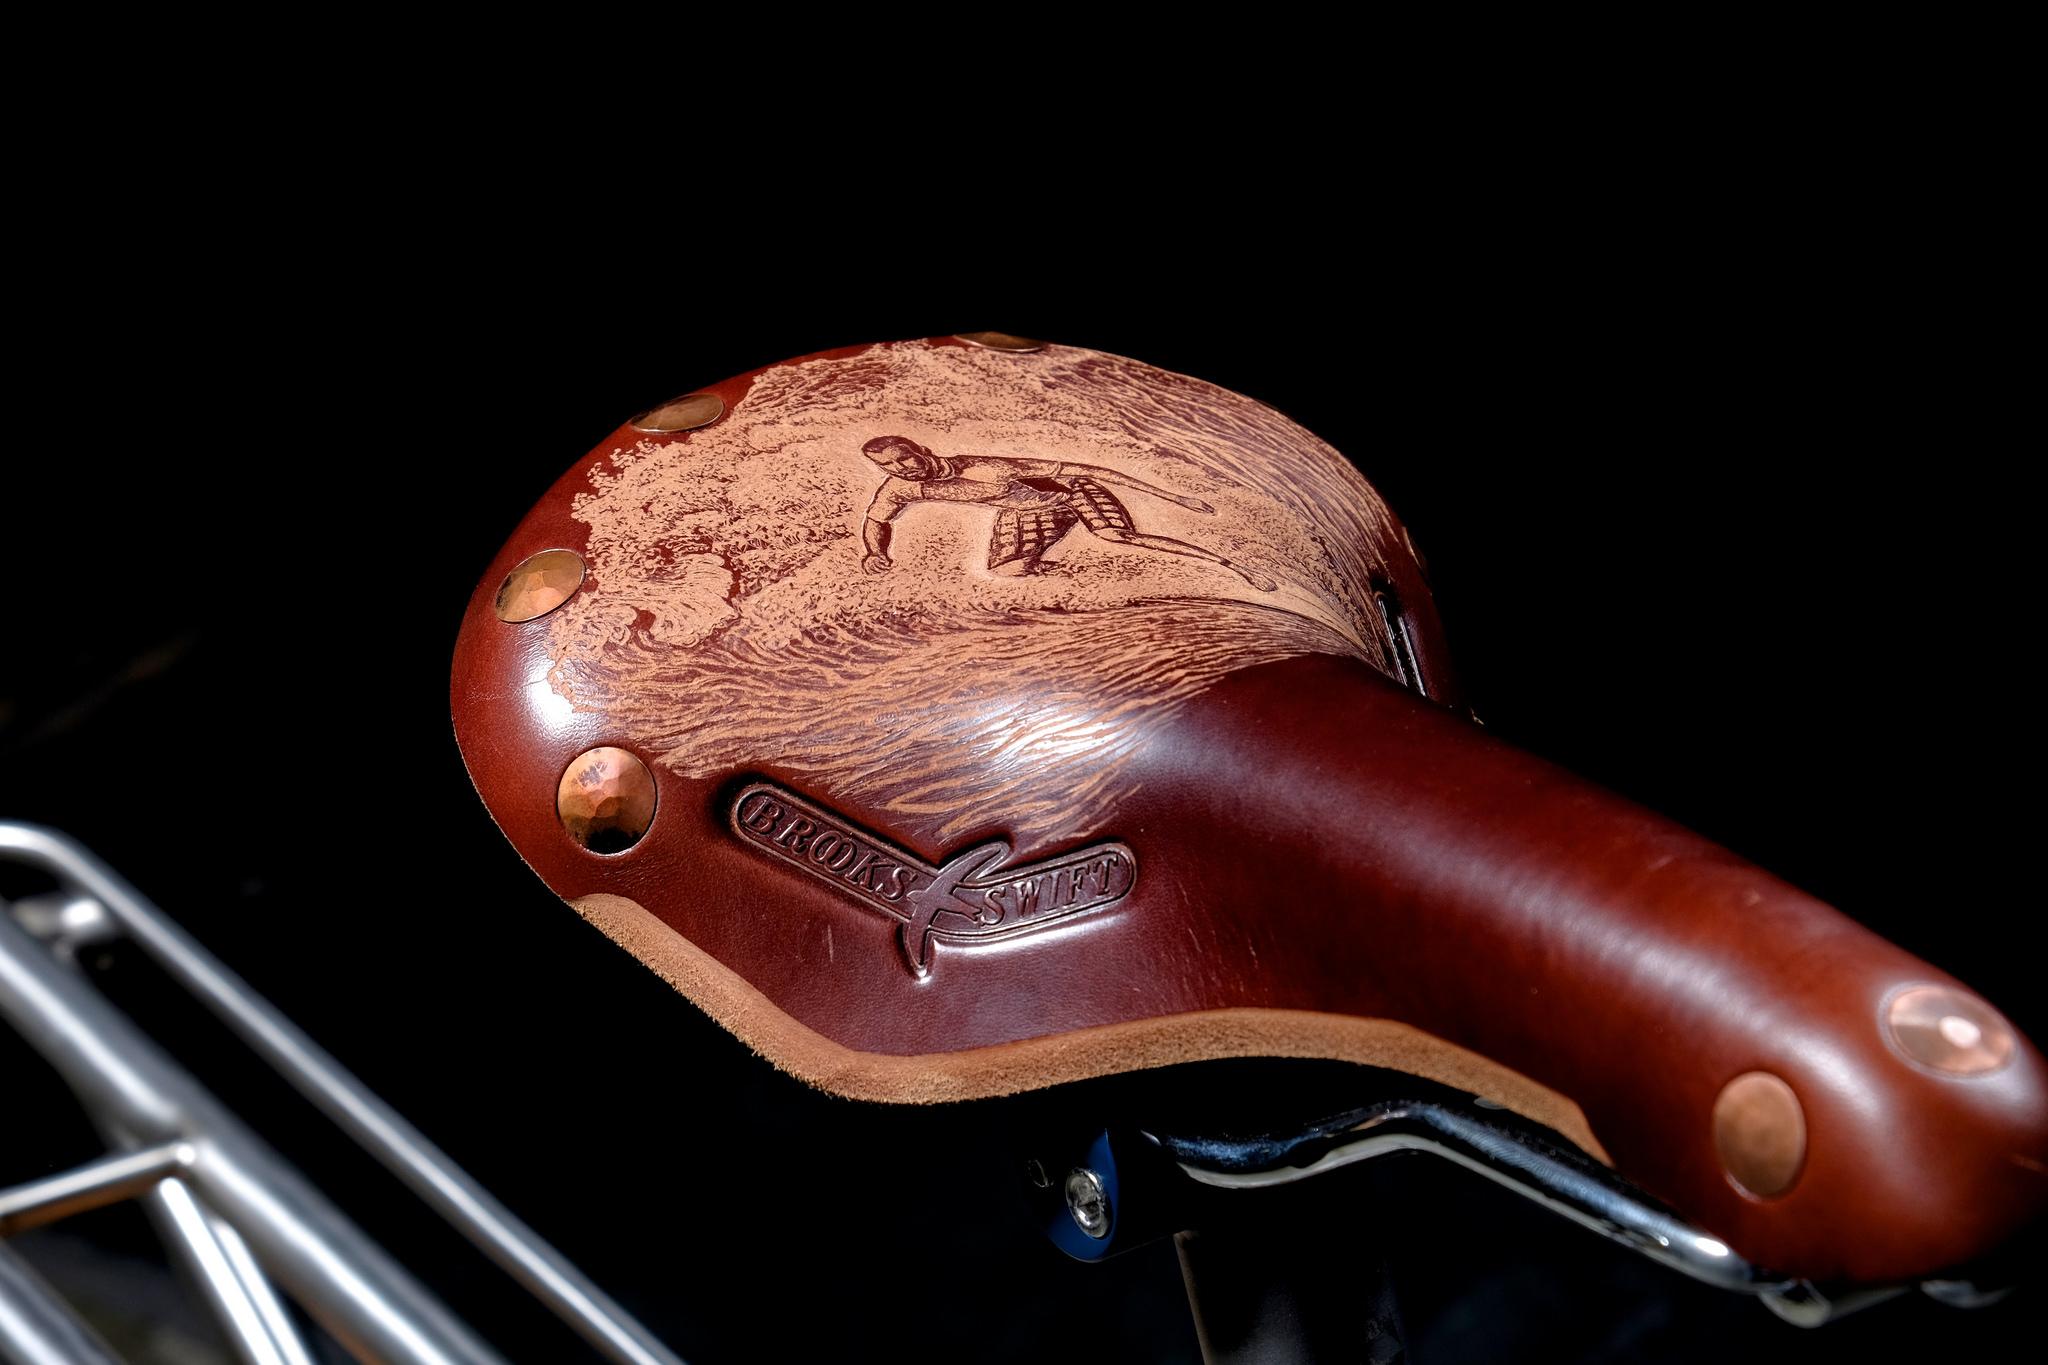 Groovy surf saddle